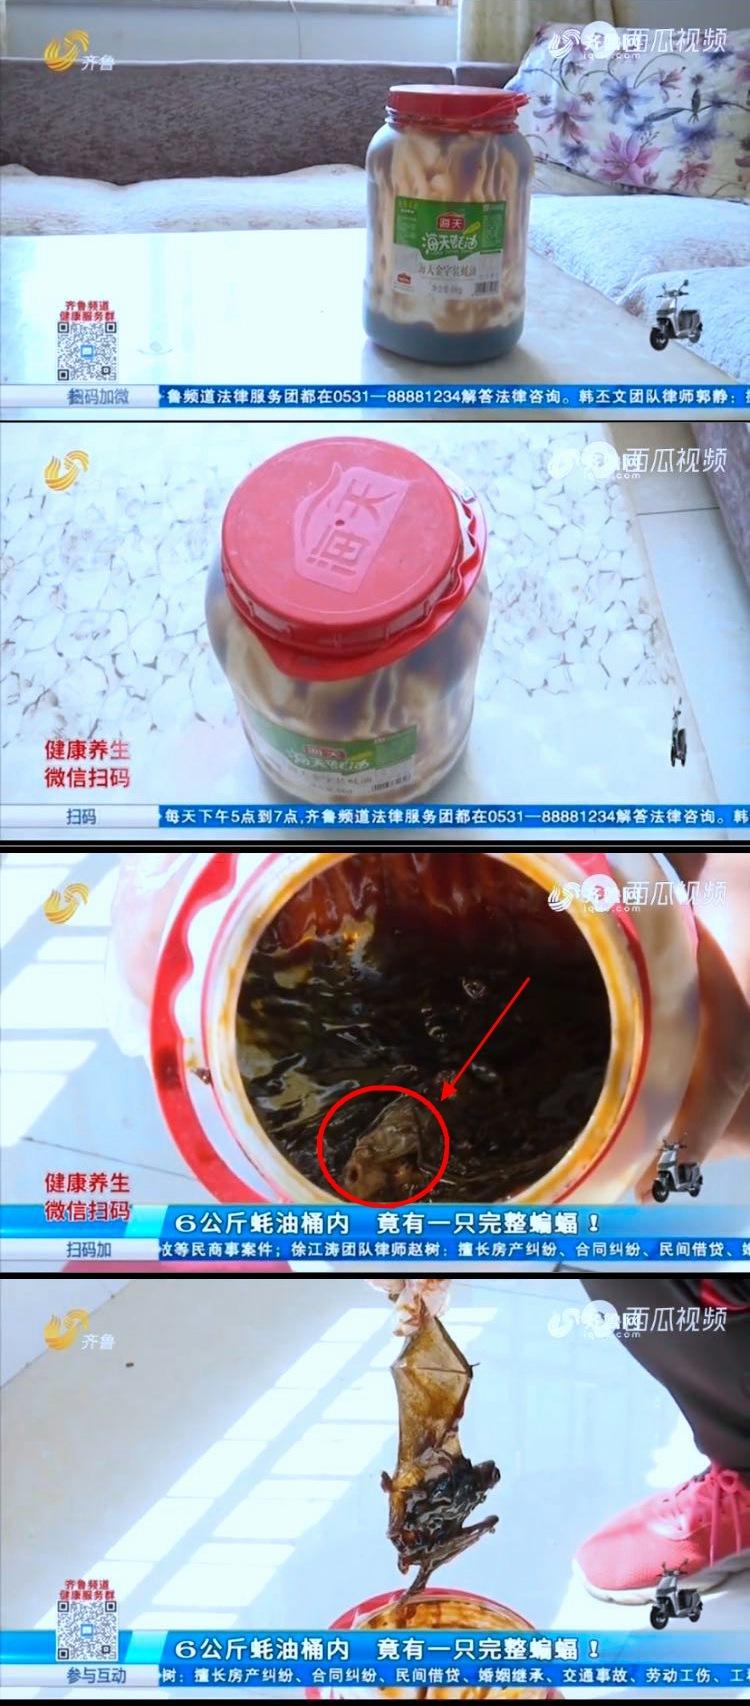 6公斤蚝油桶底发现蝙蝠?海天味业回应